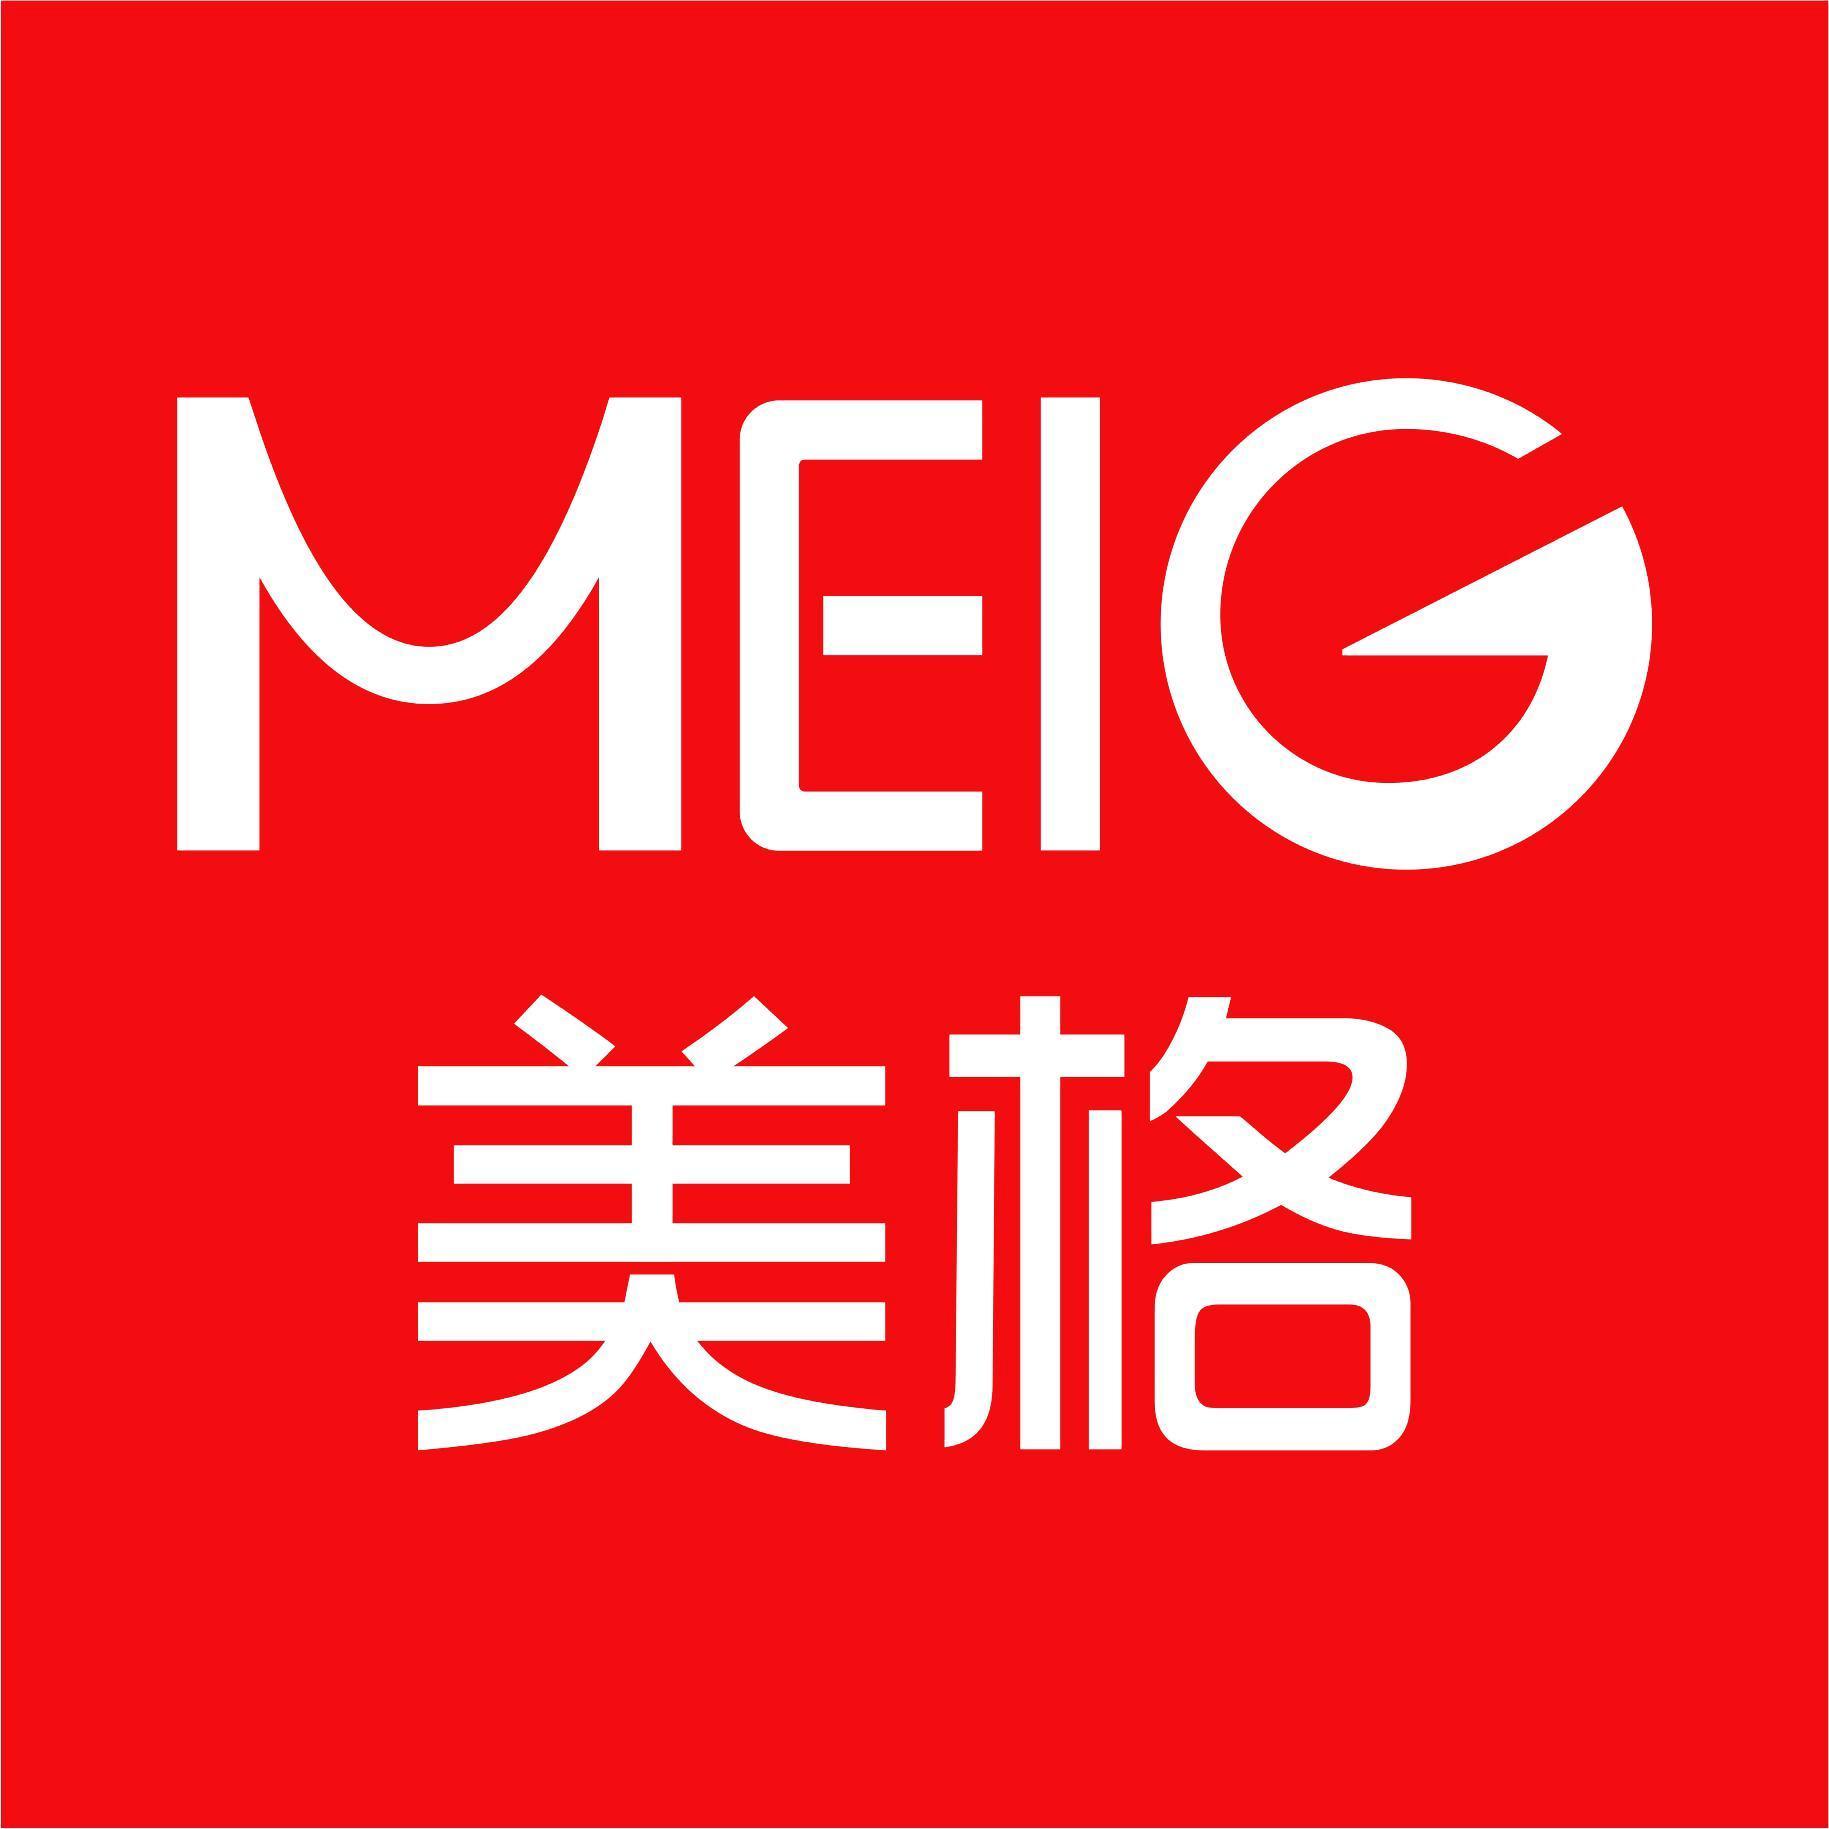 美格智能技术股份有限公司